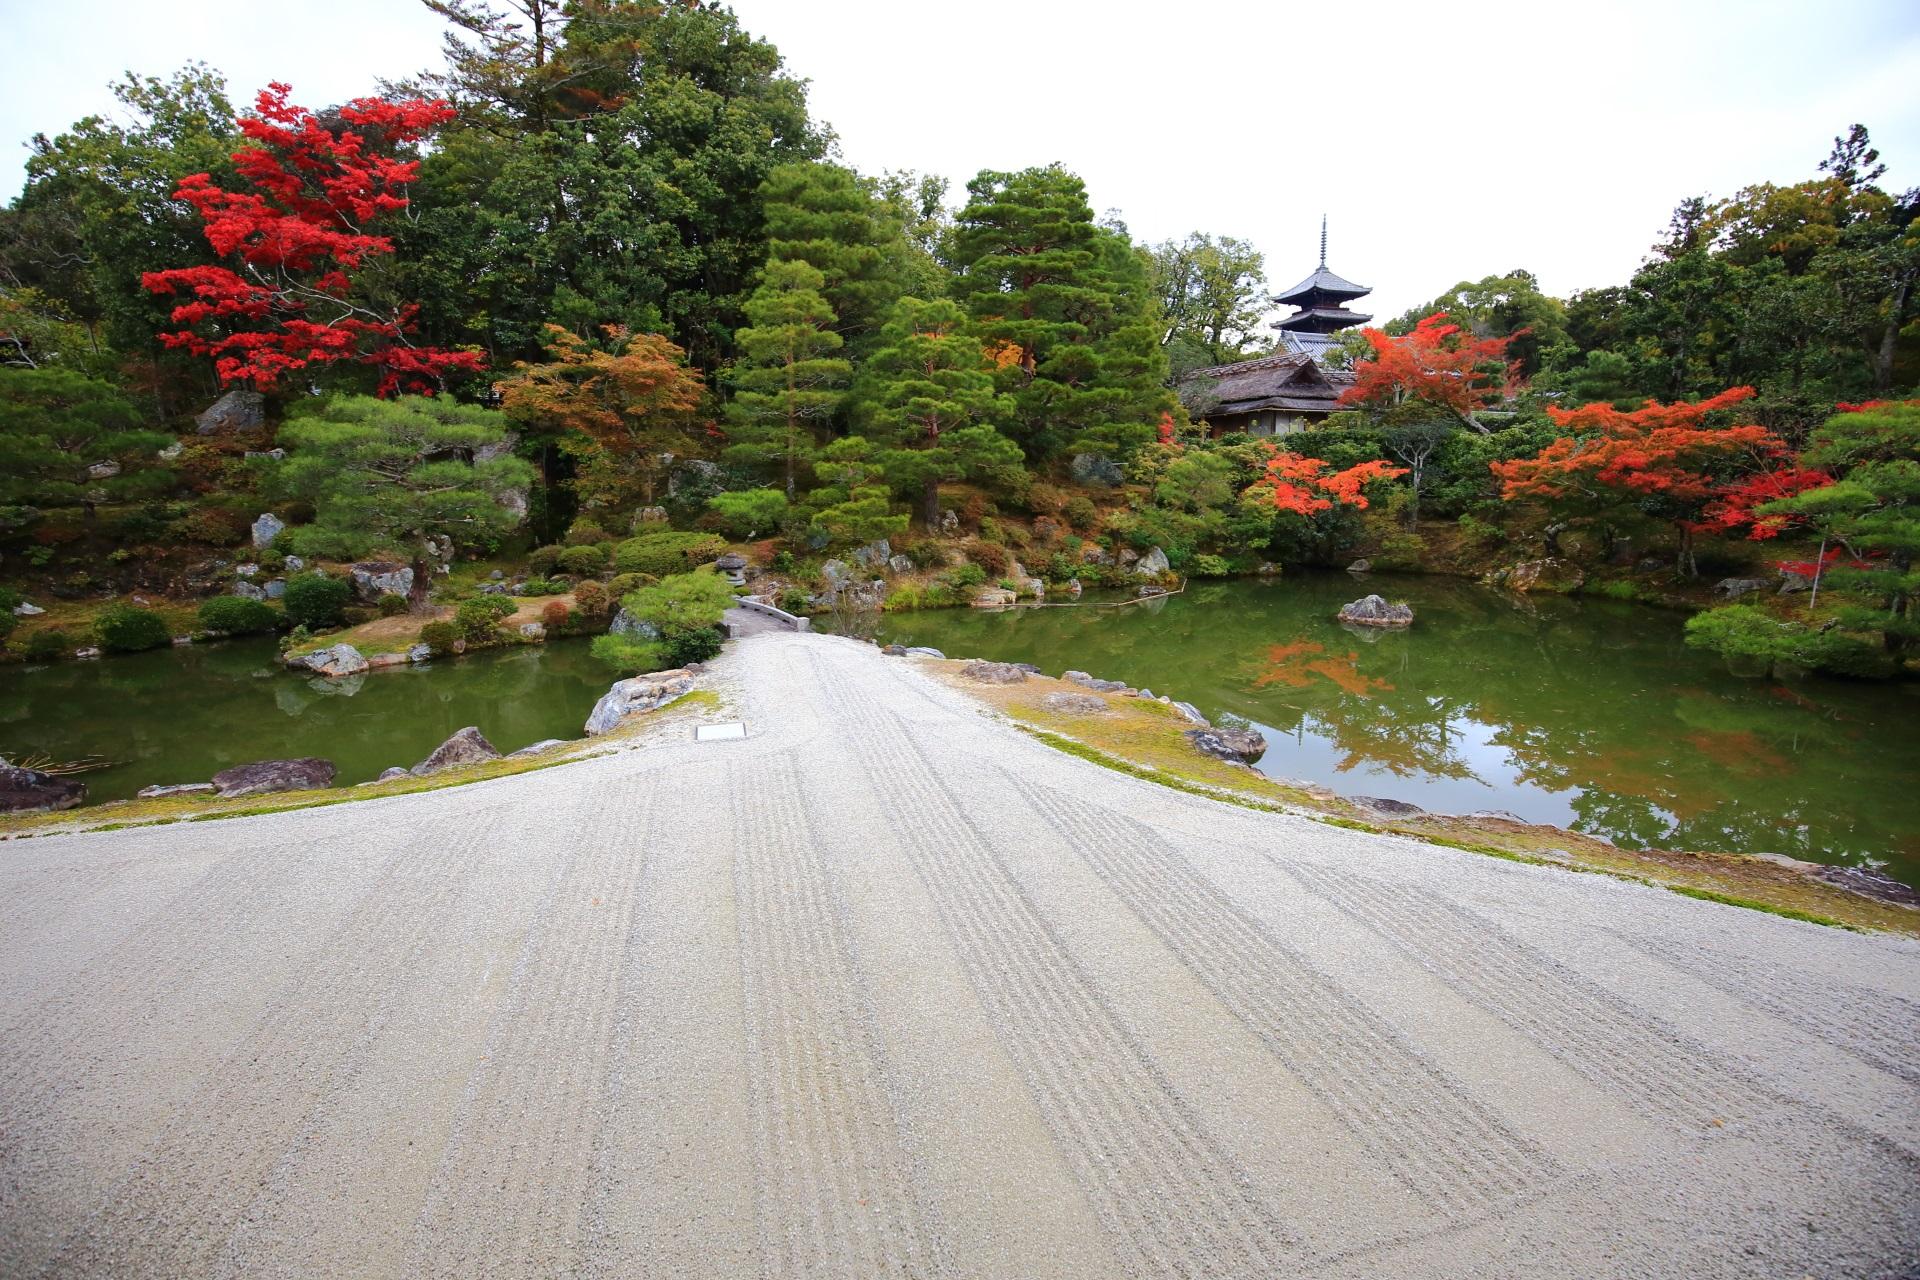 仁和寺の御殿北庭と多彩な紅葉